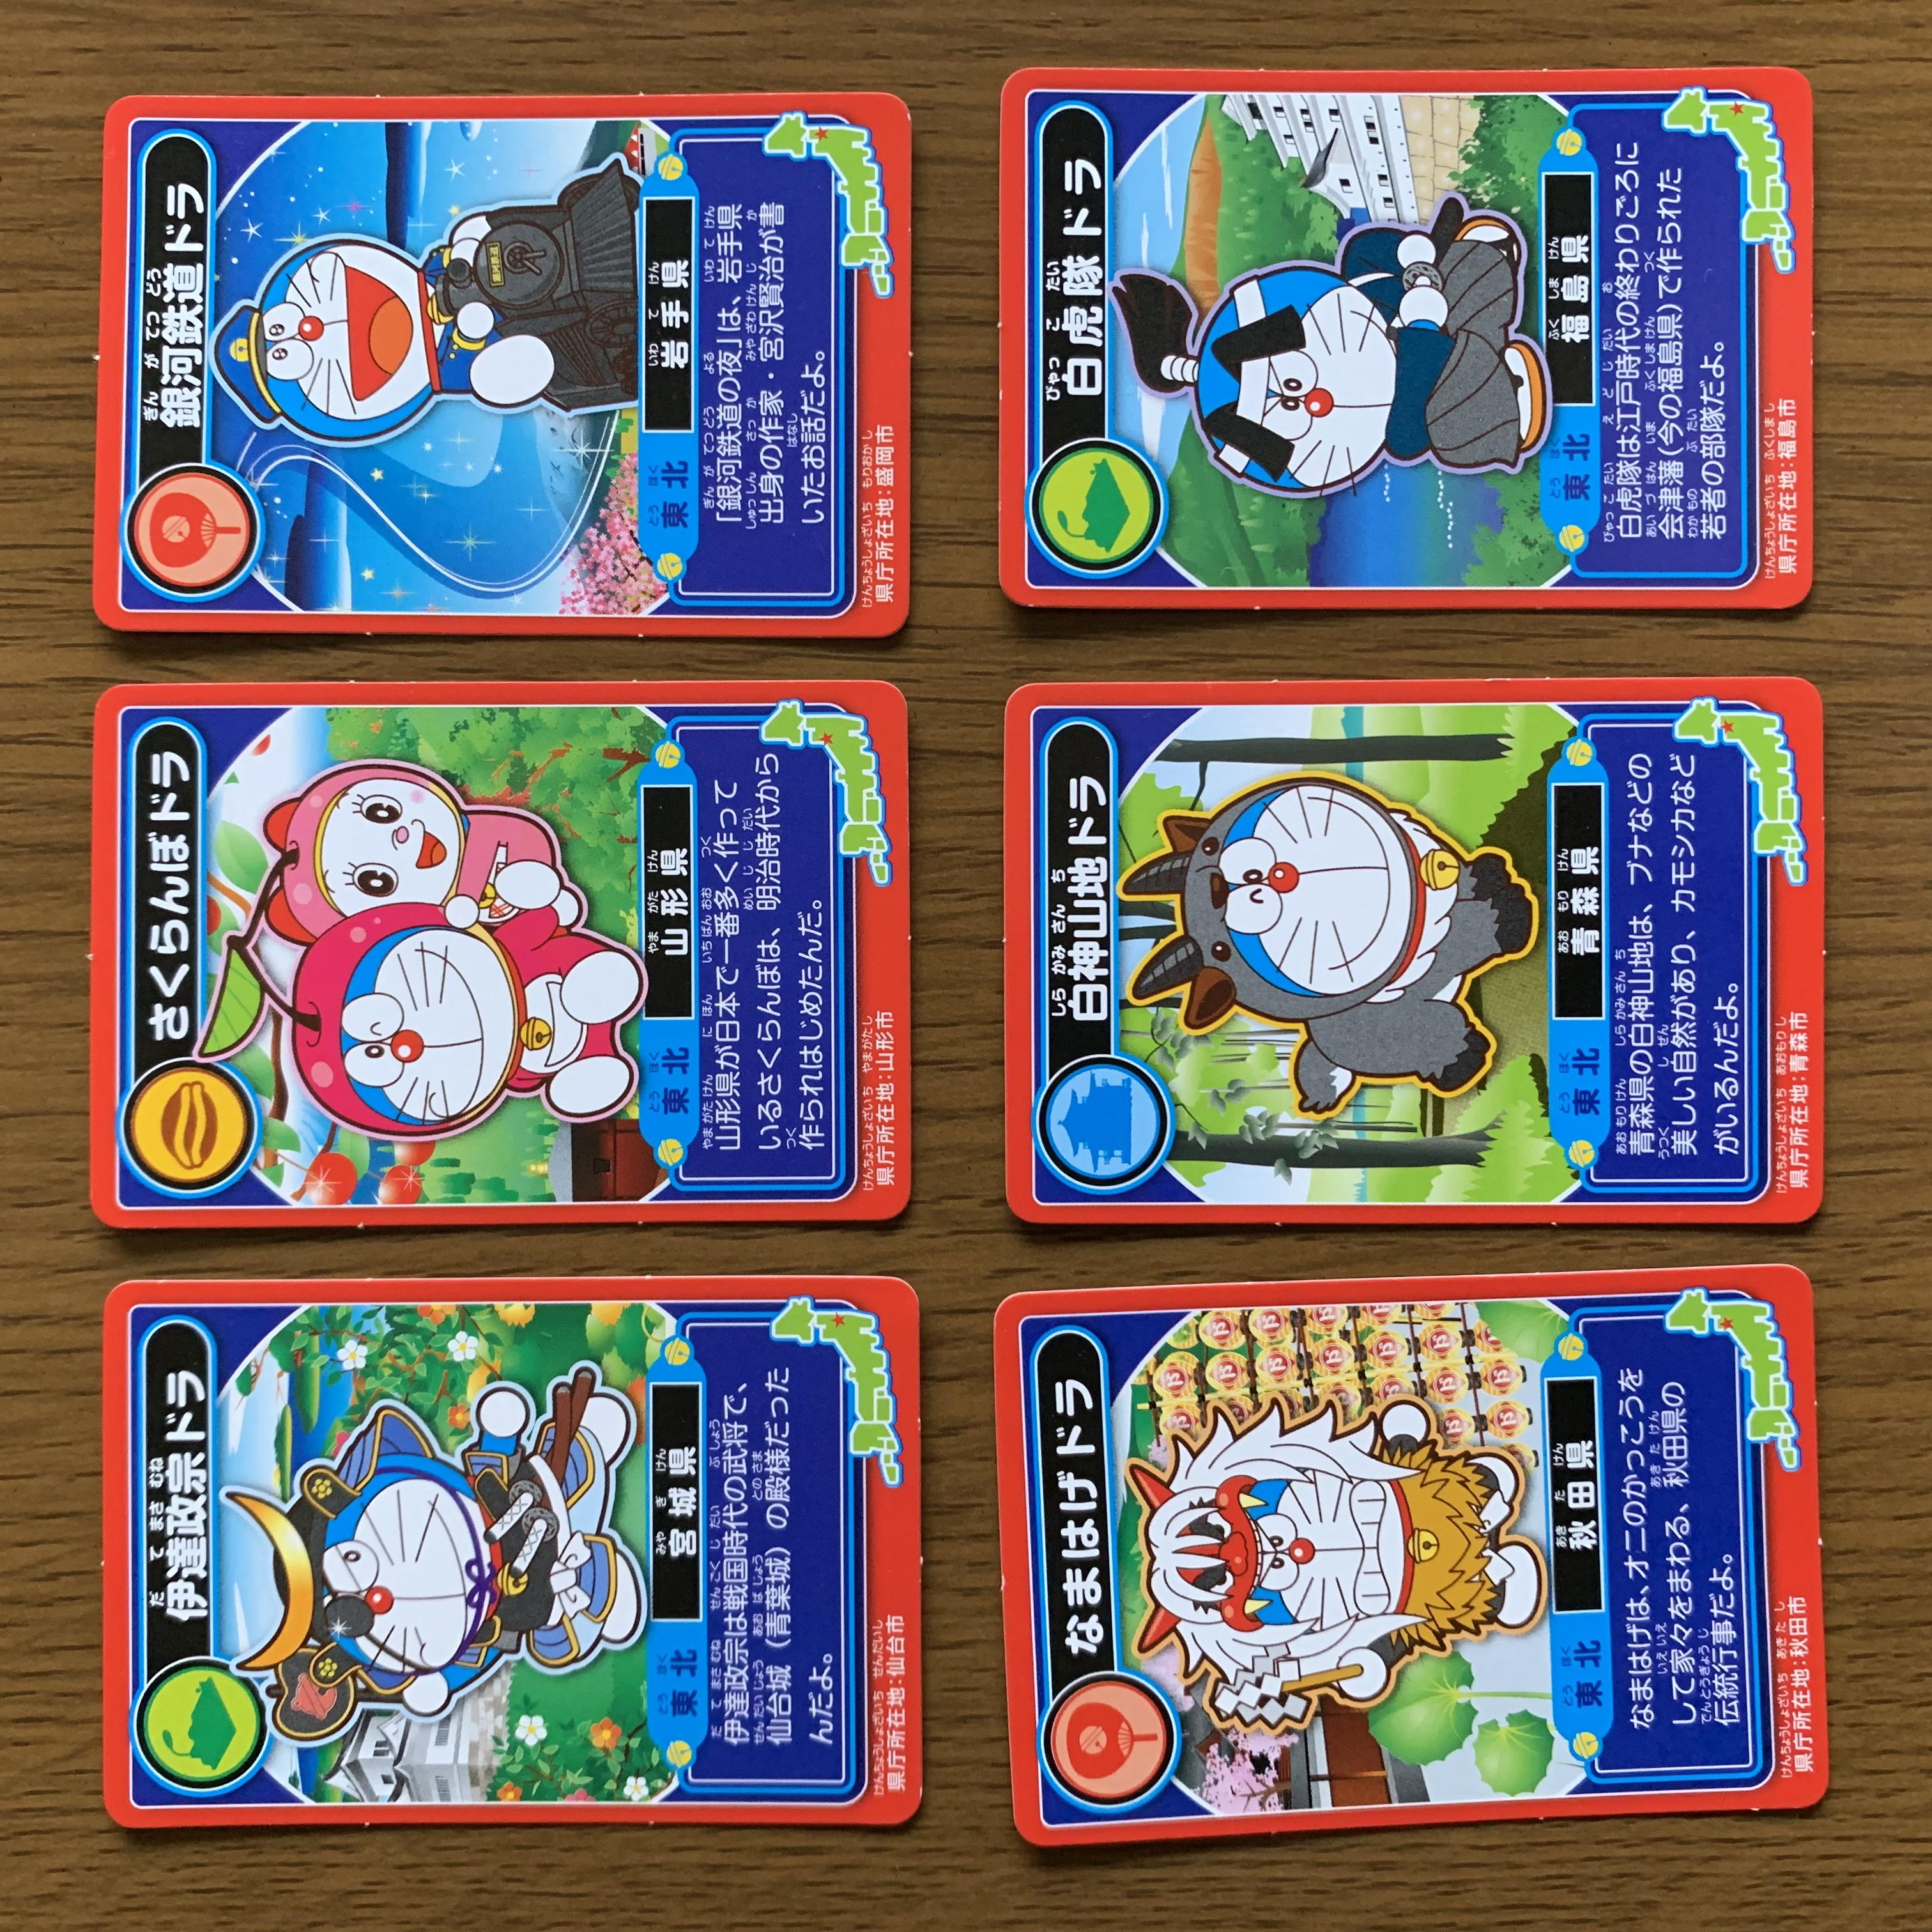 img 1597 - ボードゲーム「どこでもドラえもん日本旅行ゲーム」をやってみた